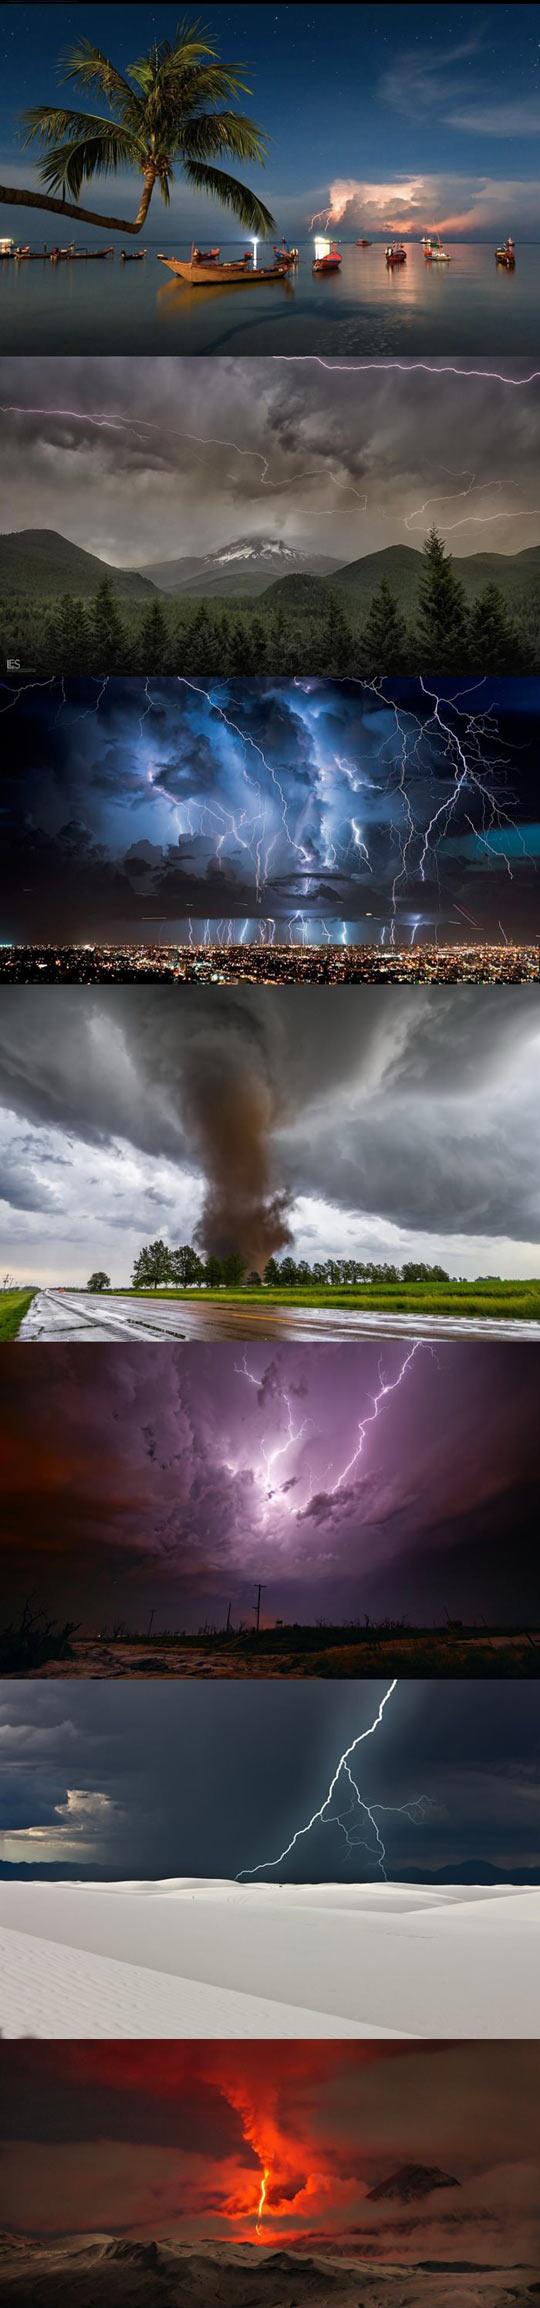 cool-Nature-storms-thunder-danger-hurricane